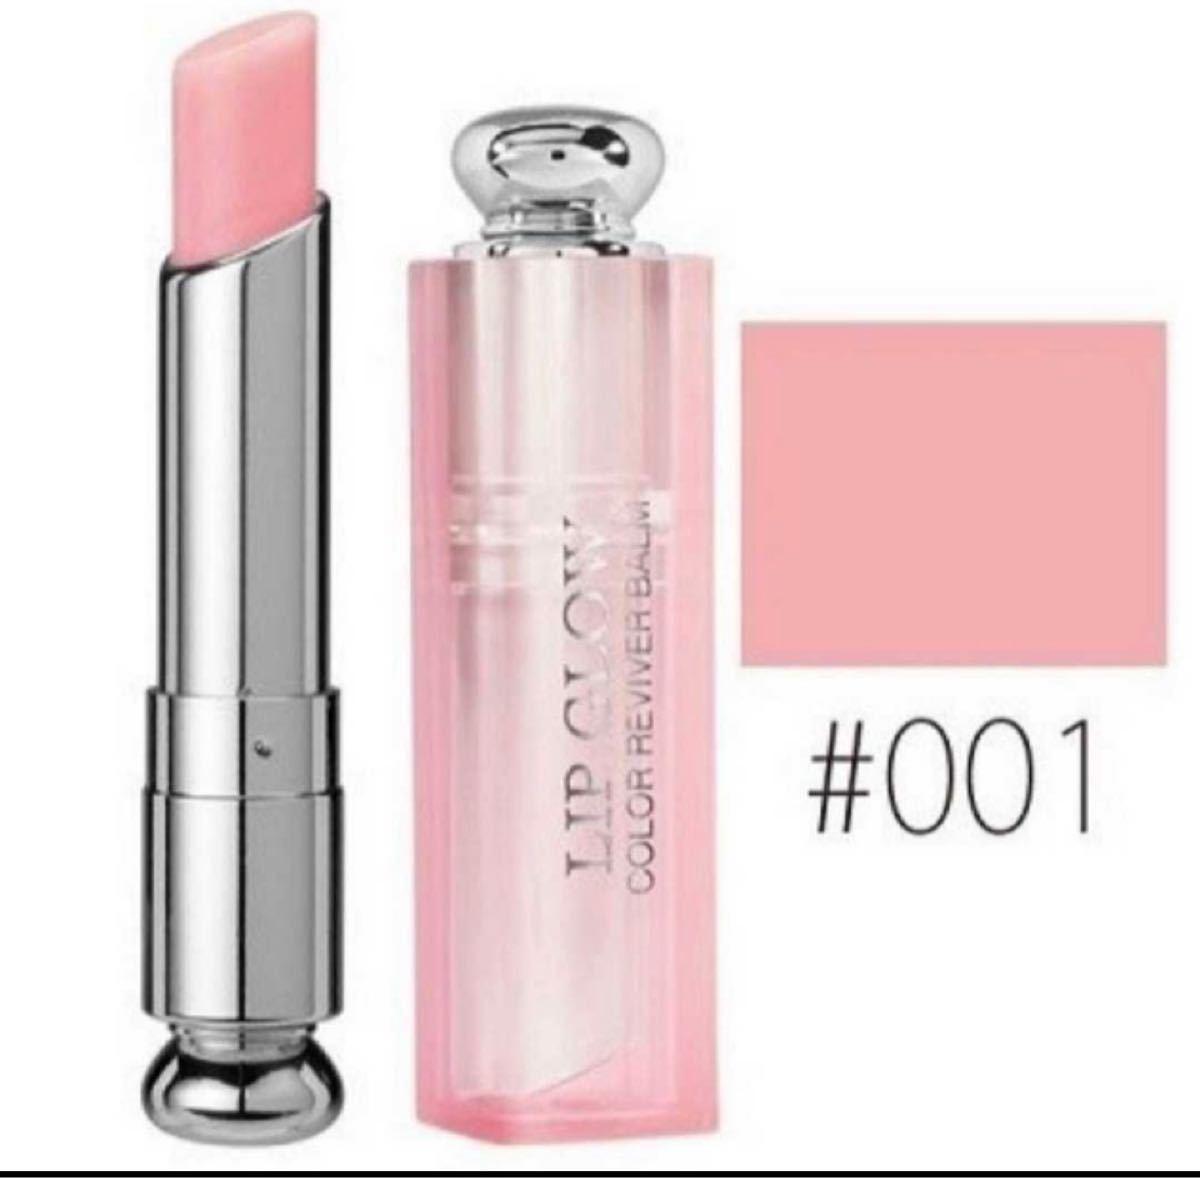 ディオールアディクトリップグロウ001 ピンク